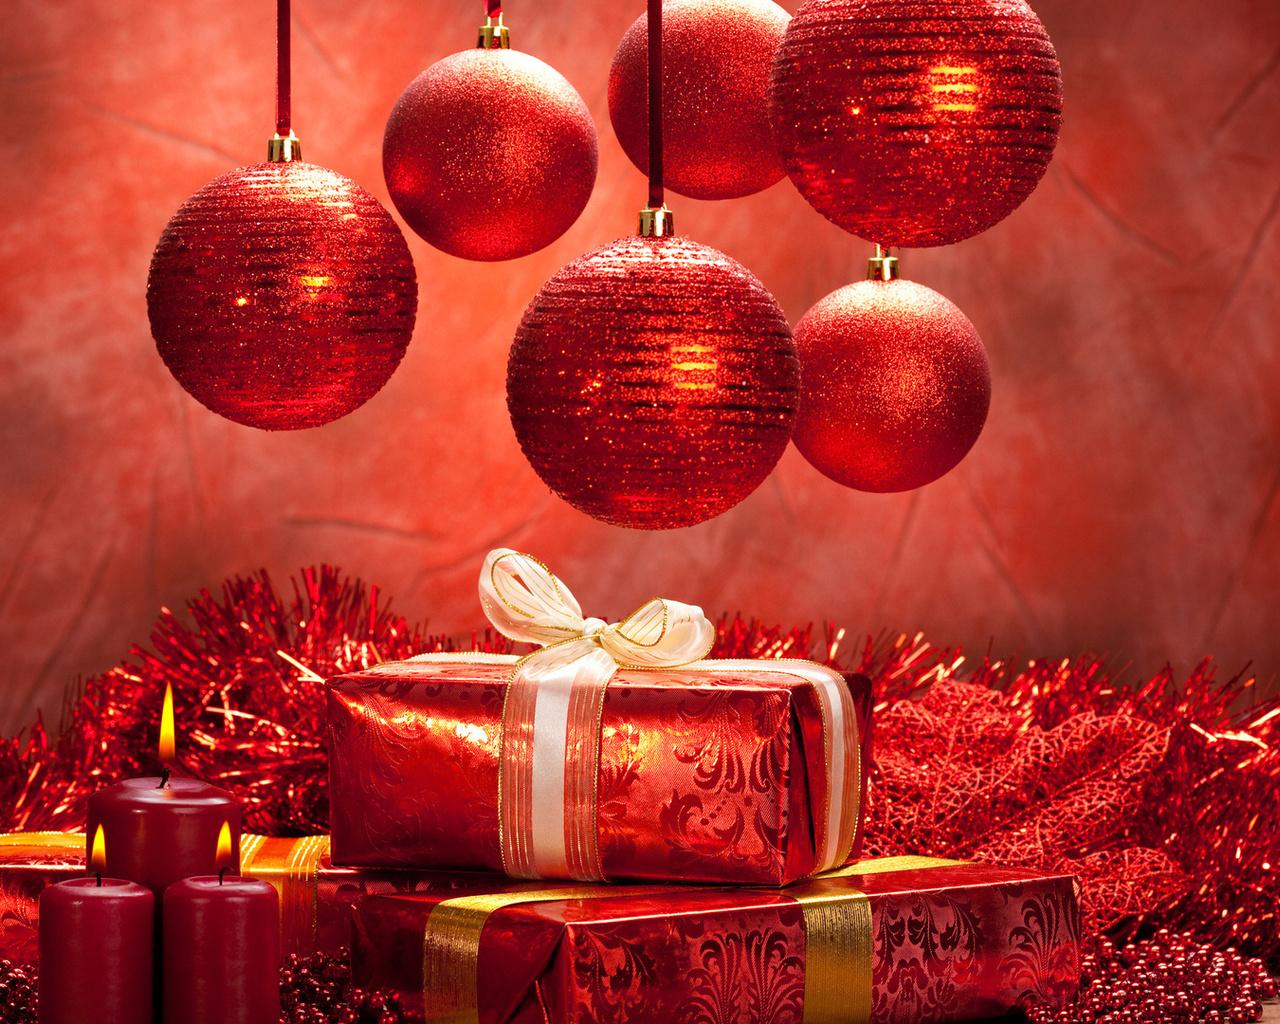 присылайте ваши новогодние картинки на весь рабочий стол нашей команде